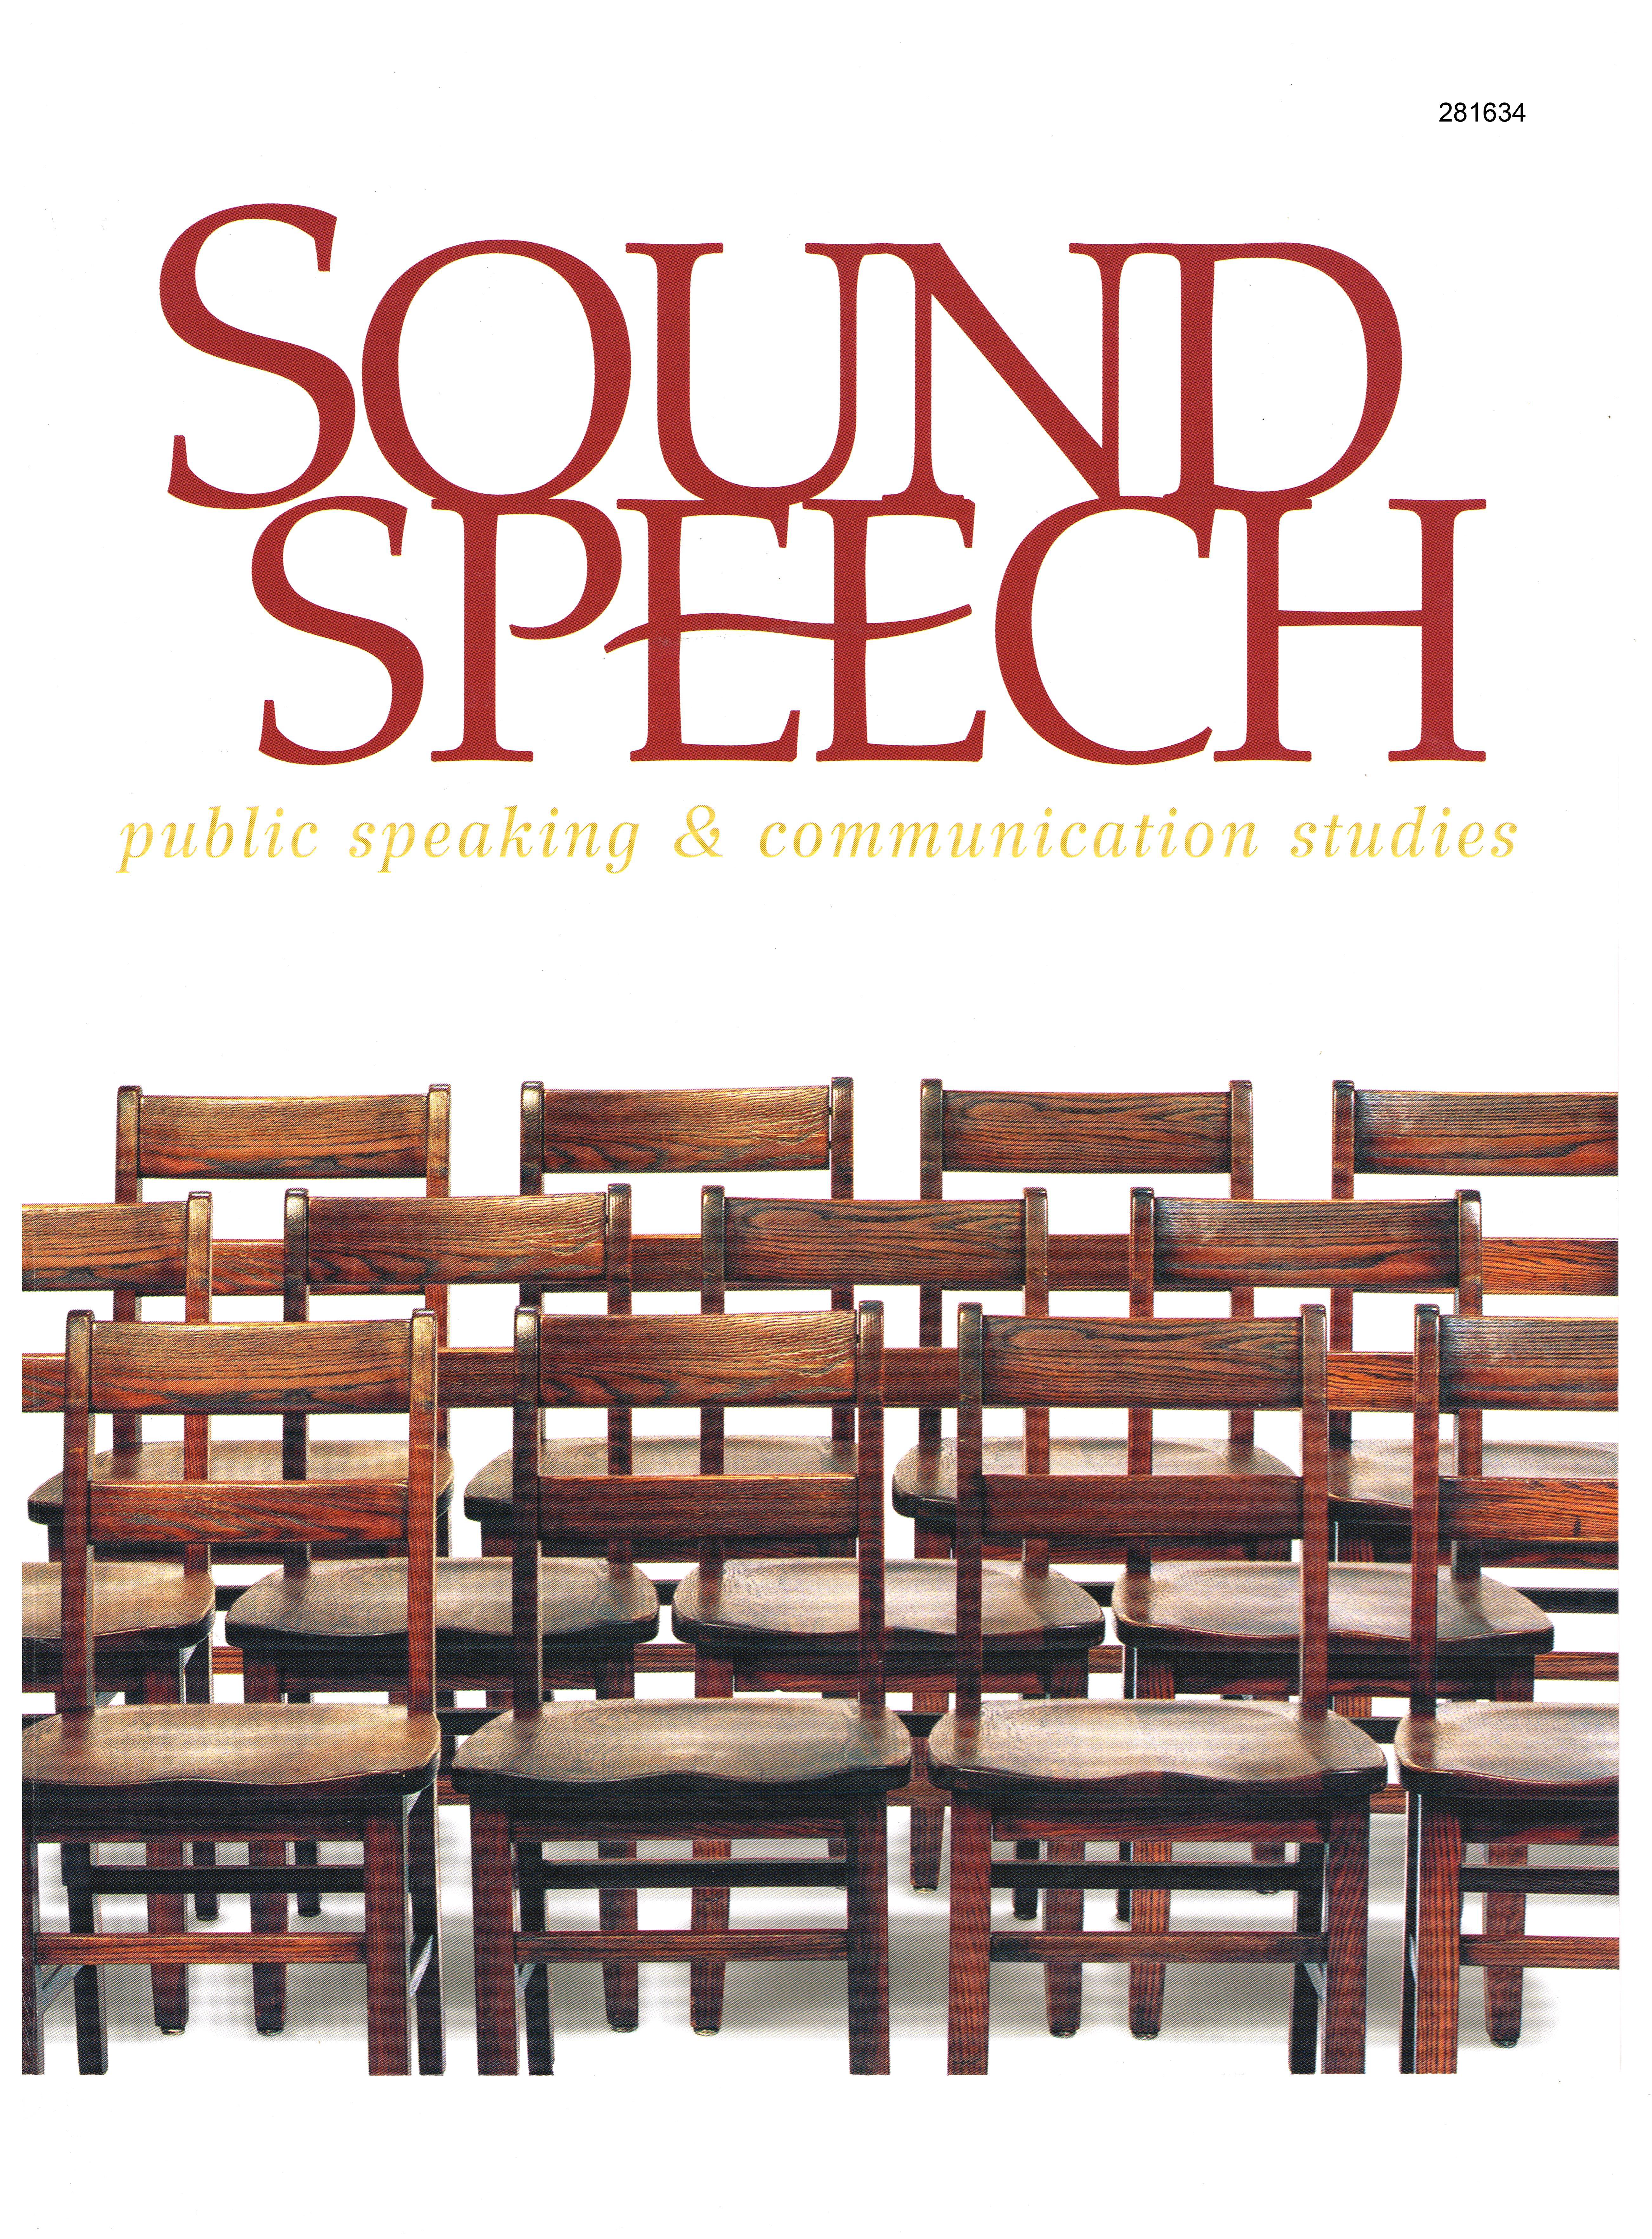 Sound Speech